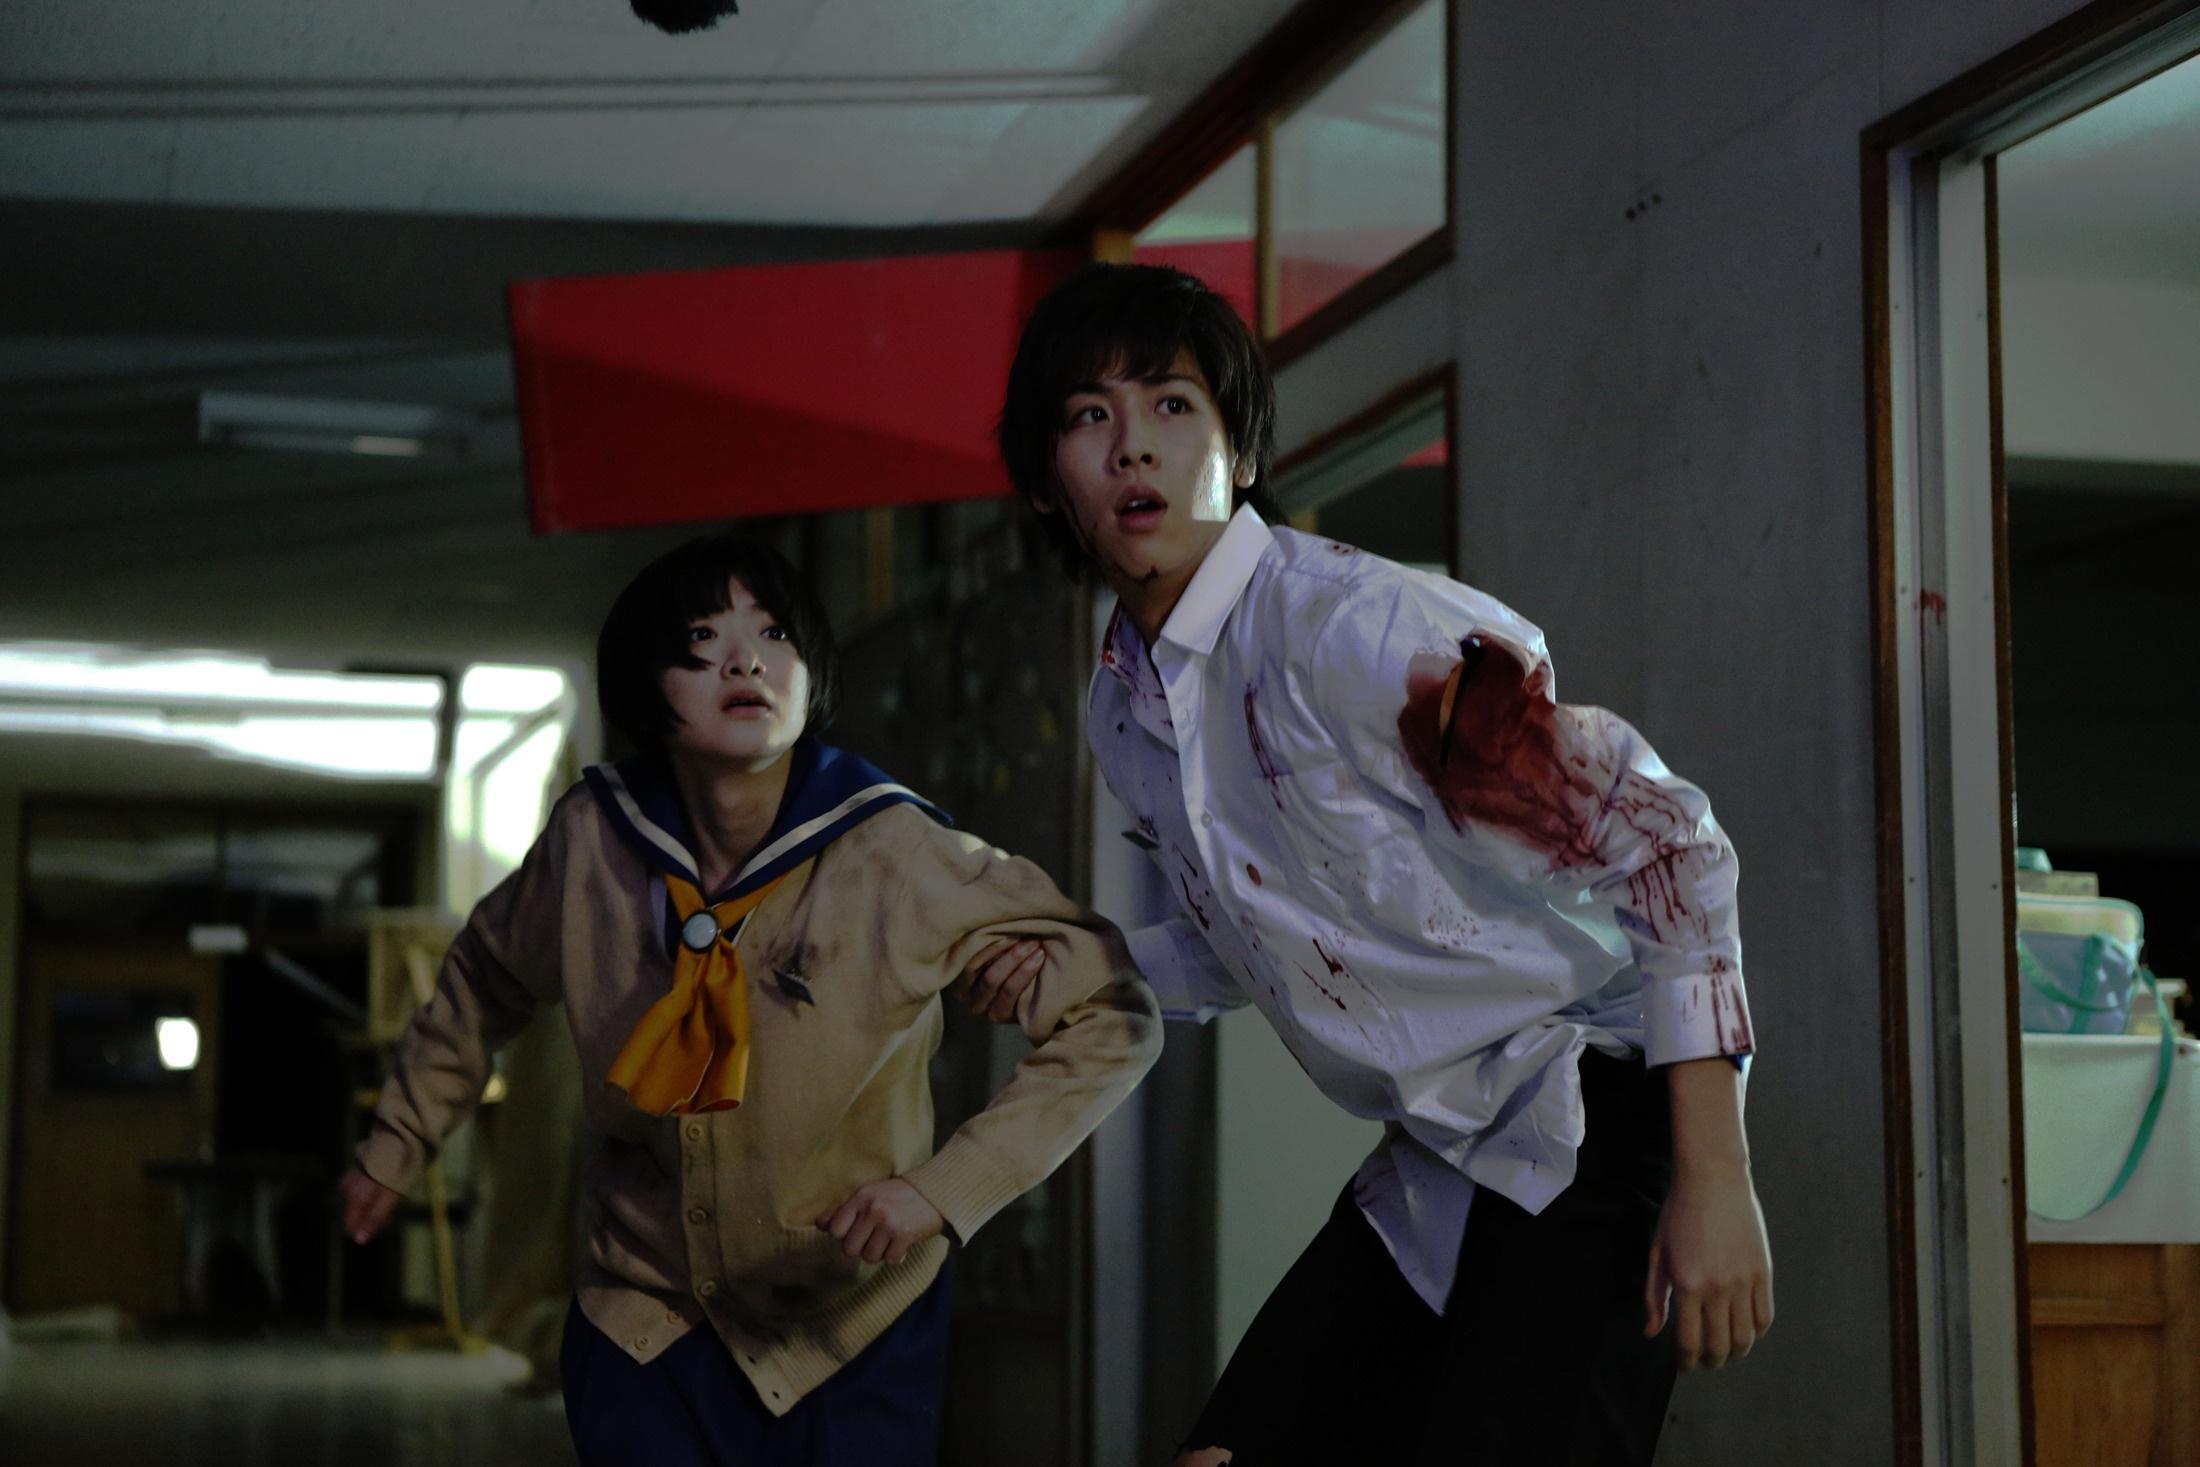 尸体派对_电影剧照_图集_电影网_1905.com